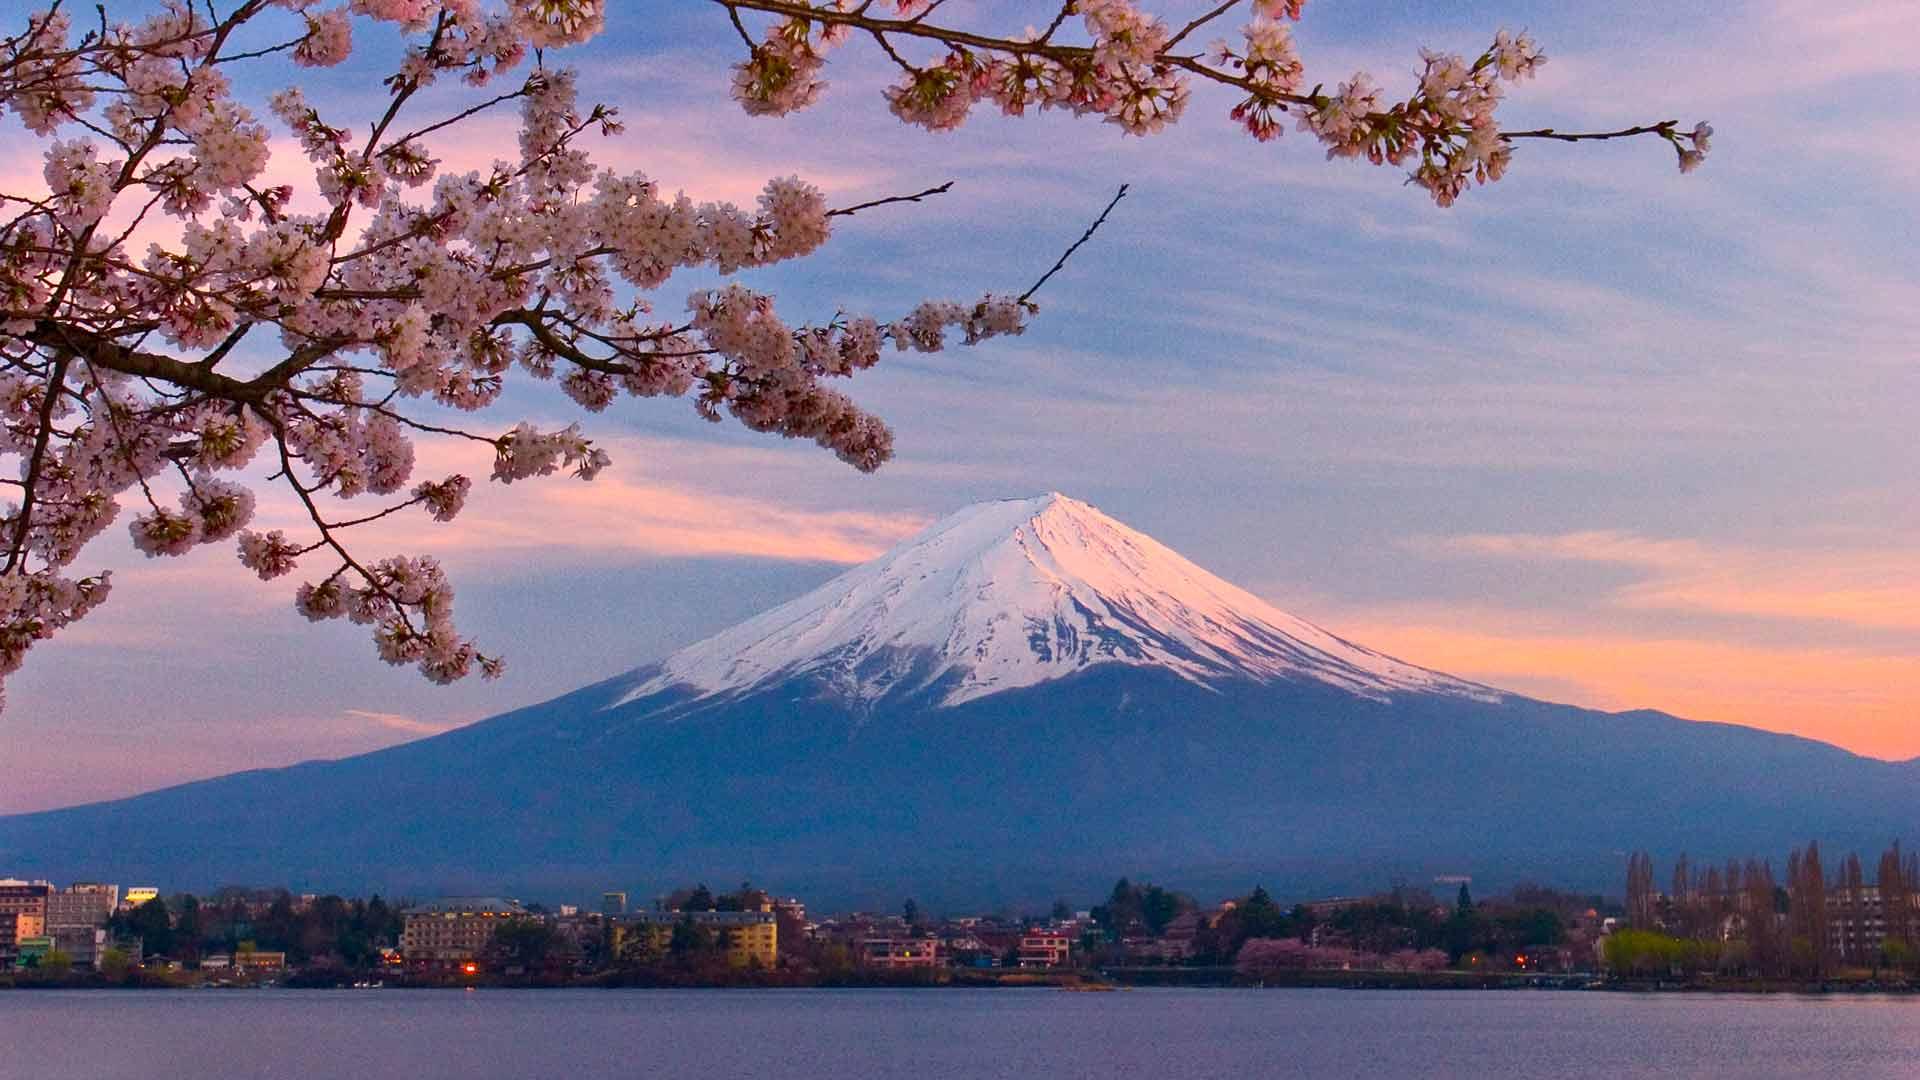 japans mount fuji scenery wallpaper desktop background scenery